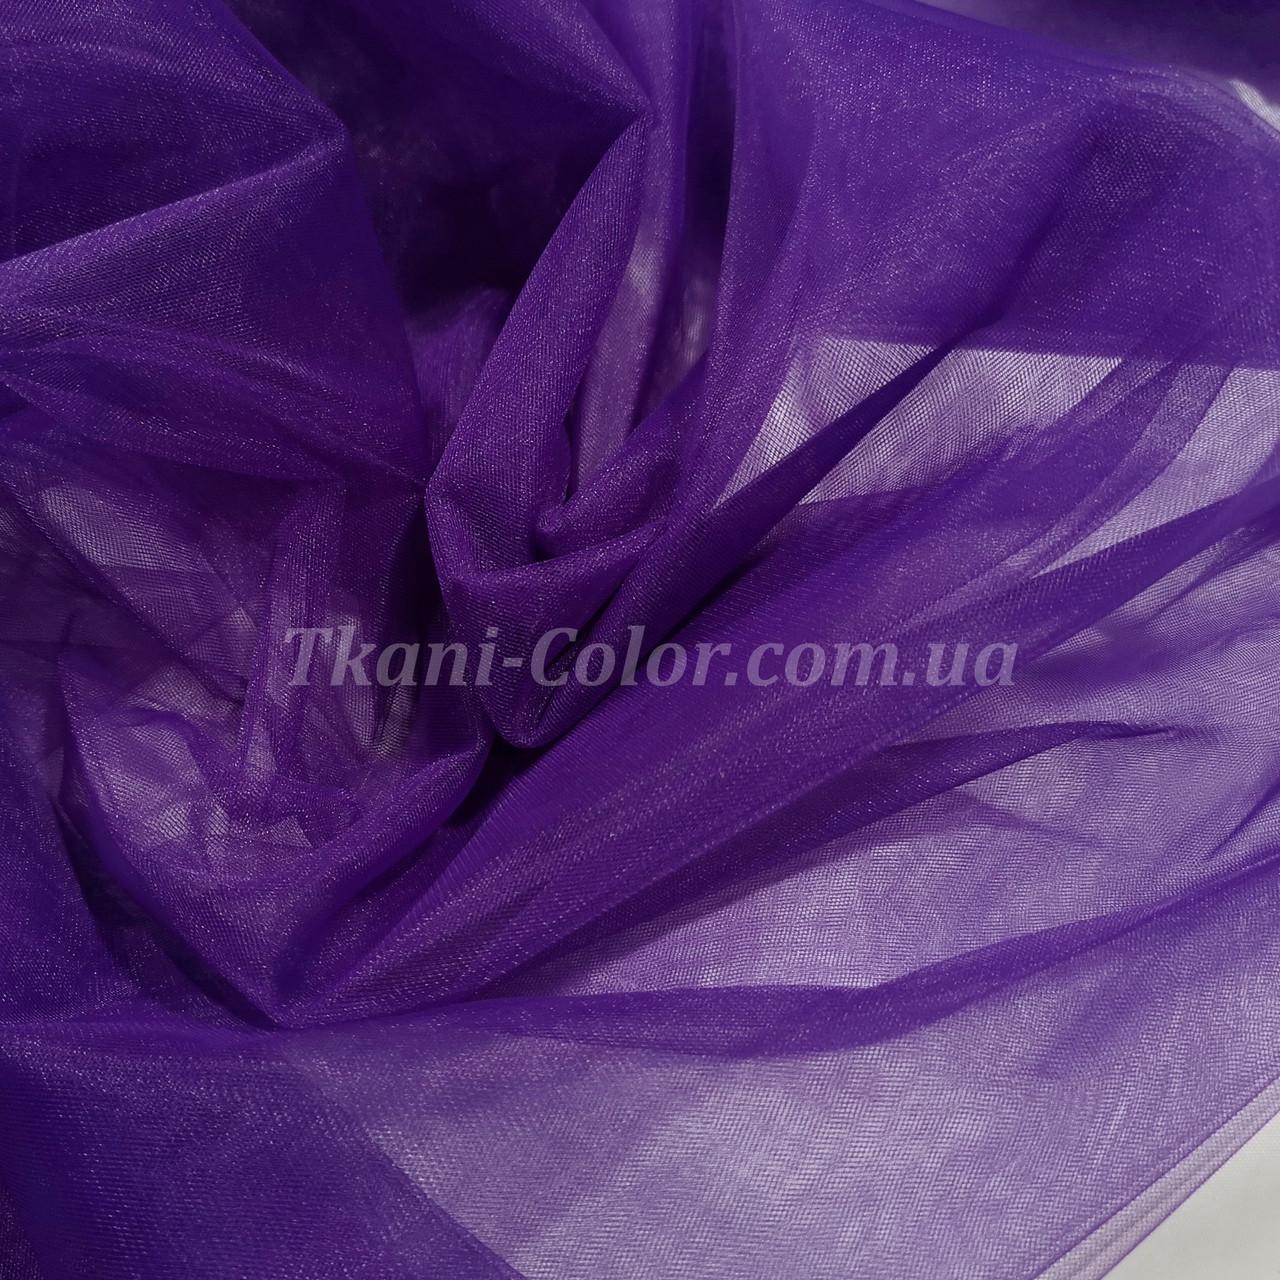 Евросетка Hayal фиолетовая